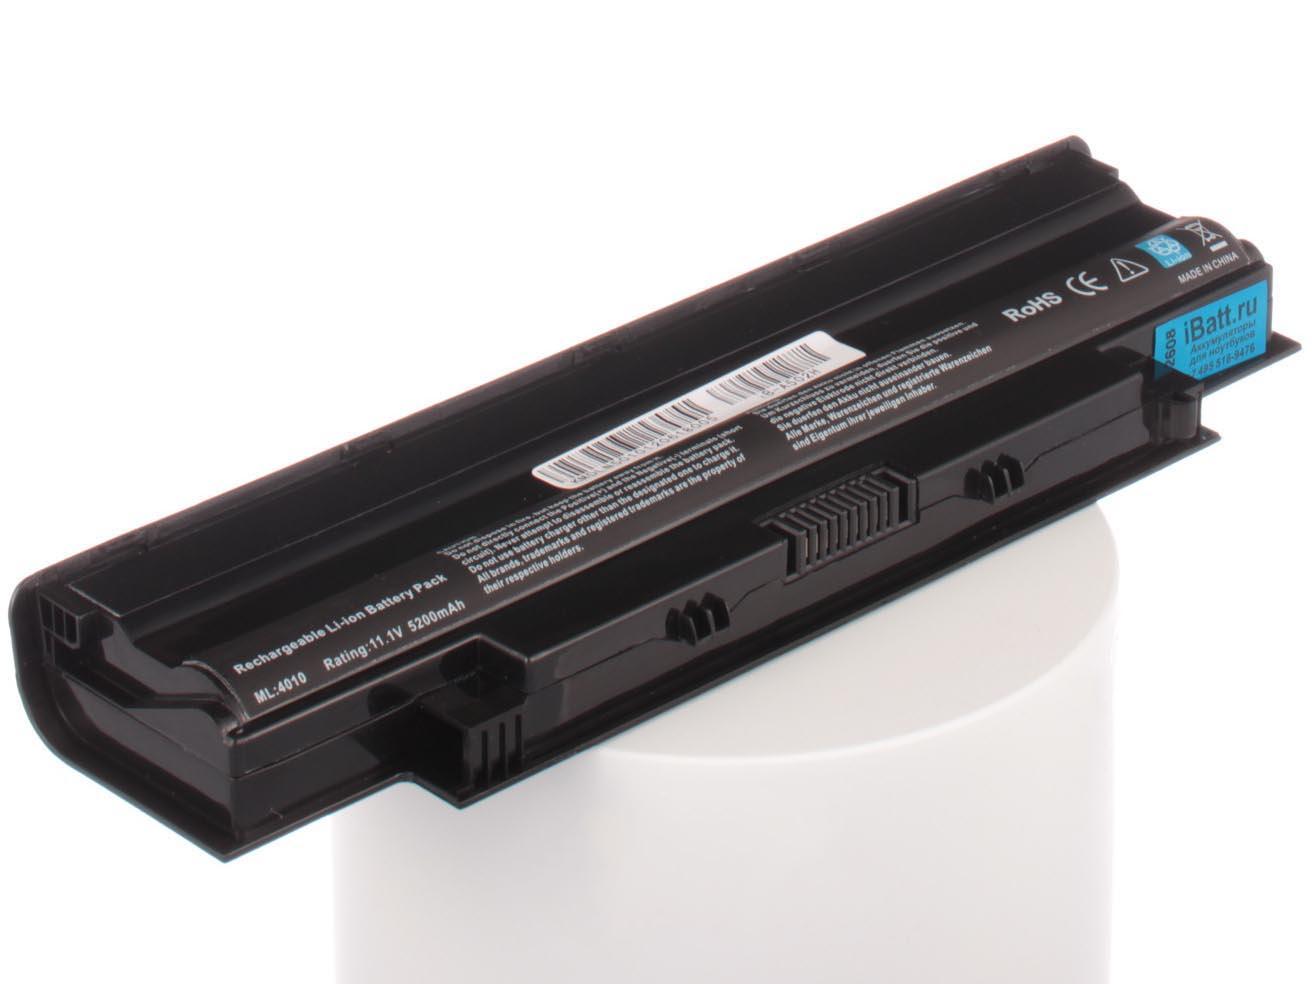 Фото - Аккумулятор для ноутбука iBatt для Dell Inspiron N5030, Inspiron N7010, Vostro 1540, Inspiron M5030, Vostro 3750, Latitude 3550, Latitude 3450, Inspiron 3520-5917, Inspiron 7010, Vostro 1440, Vostro 3450, Inspiron N4010 аккумулятор для ноутбука f287f r988h f287h f286h dell inspiron 1410 vostro a840 a860 vostro 1014 1015 1088 4400mah 10 8v